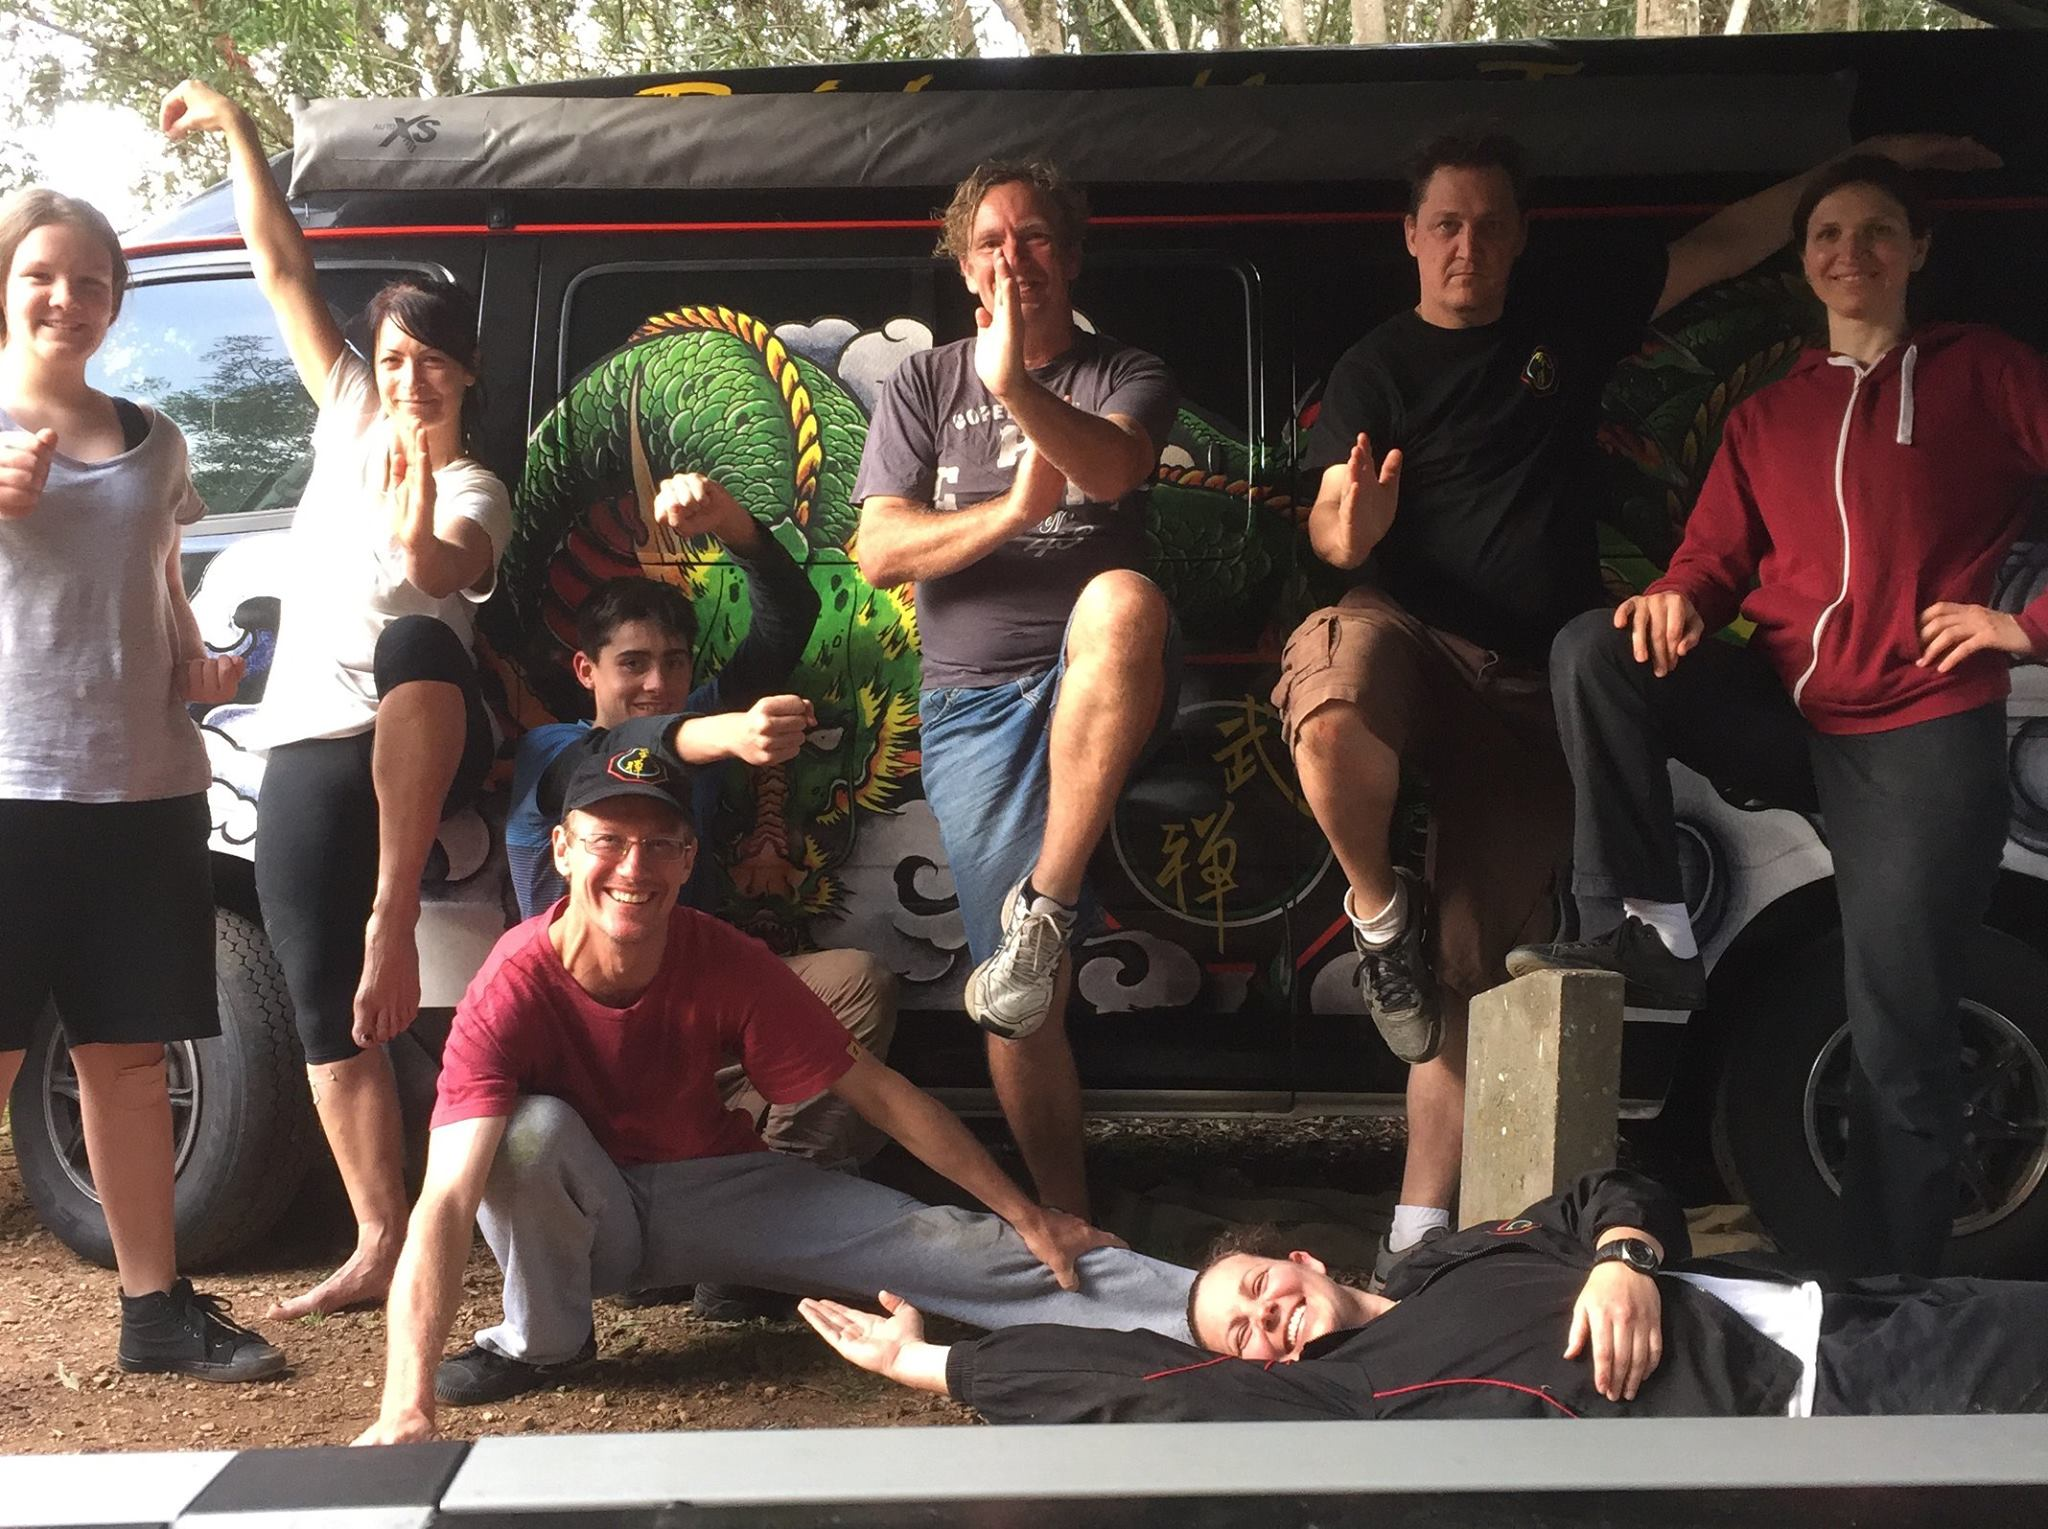 Brisbane Kungfu training camps